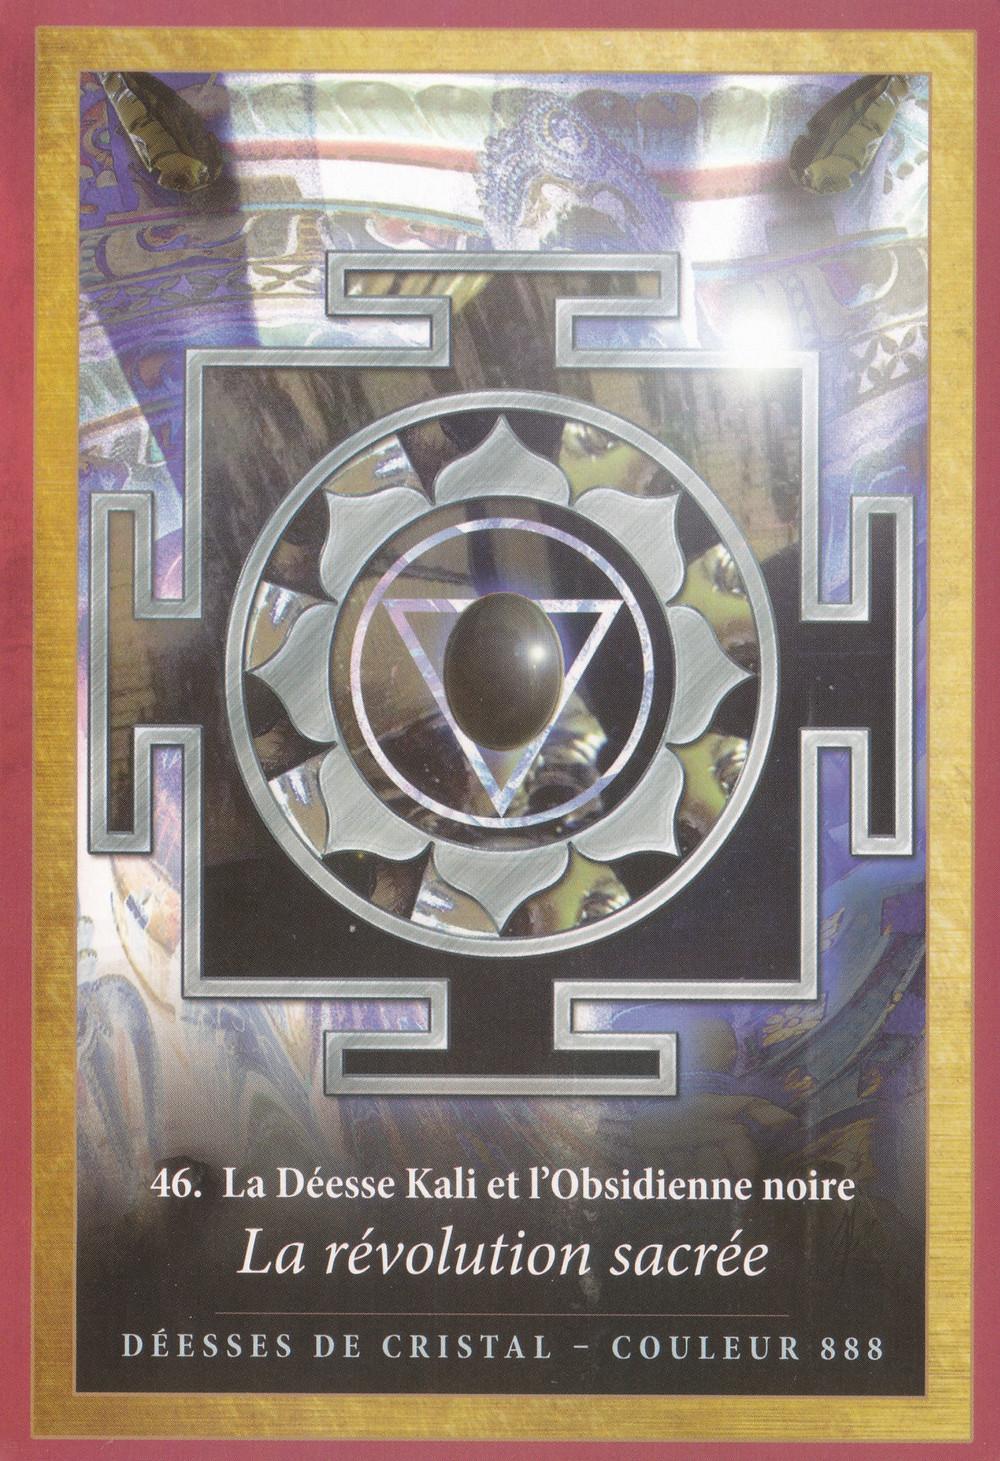 Carte de l'Oracle L'énergie des Anges et des Cristaux d'Alana Fairchild - 46 - La révolution sacrée - La Déesse Kali et l'Obsidienne noire - Energies du 27 au 29 mars 2020 : L'heure du changement a sonné, c'est la Révolution Sacrée !